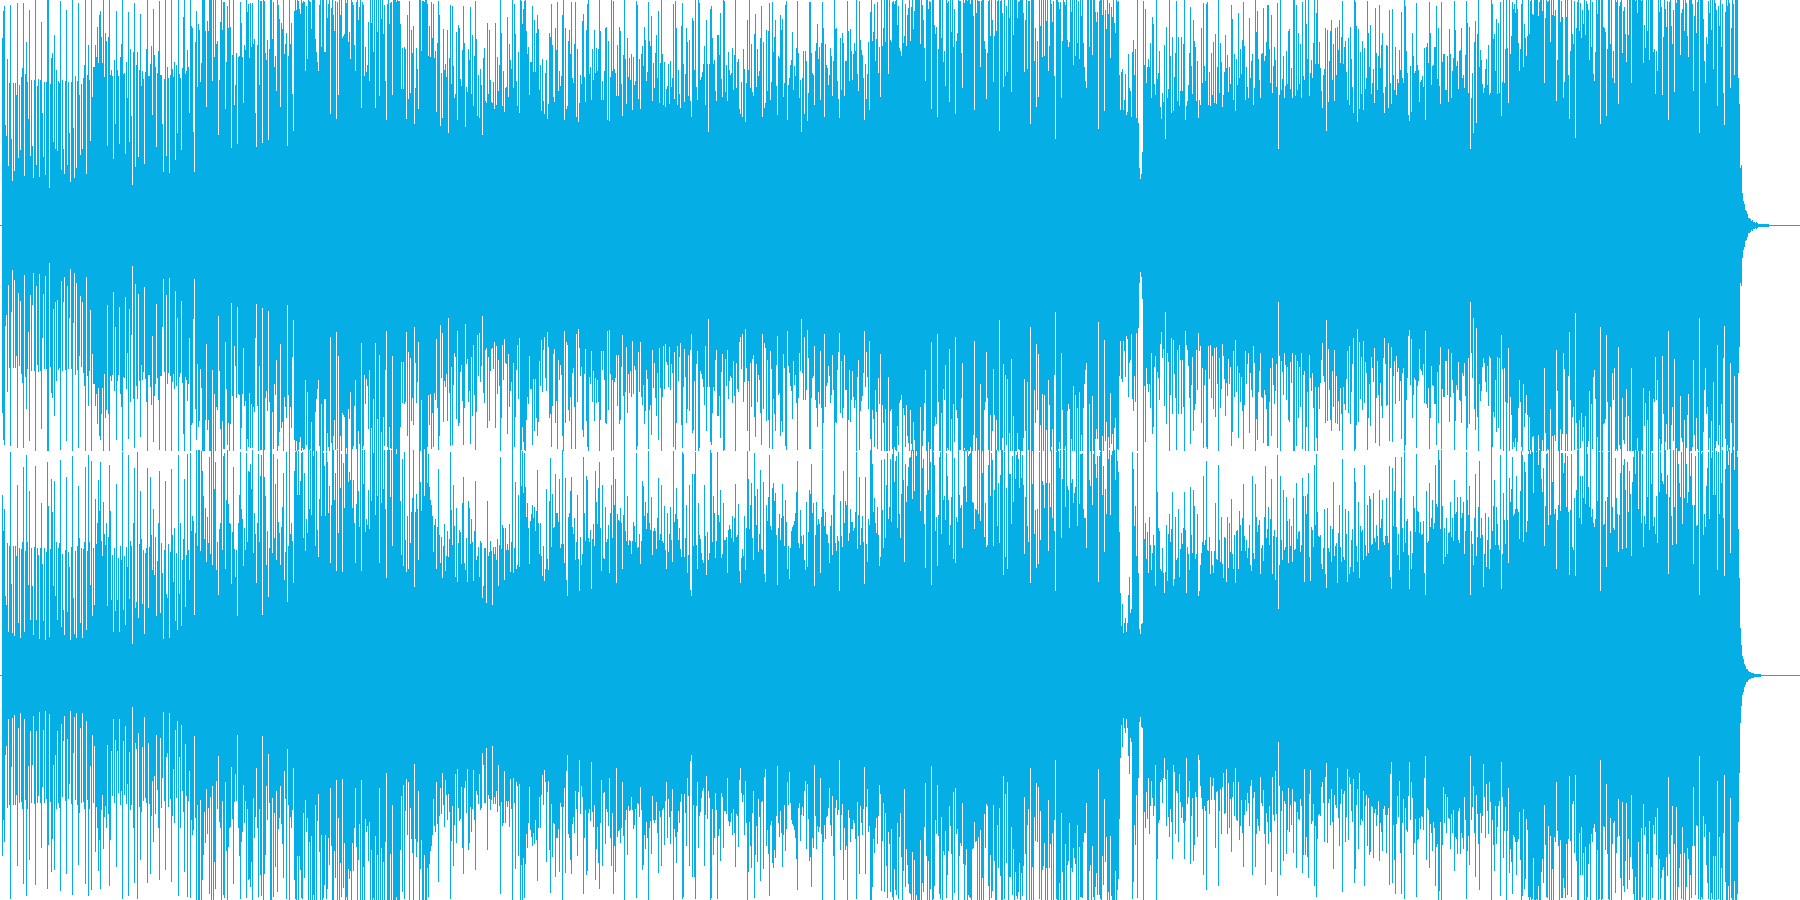 ピアノの旋律がおしゃれなジャズサンバの再生済みの波形